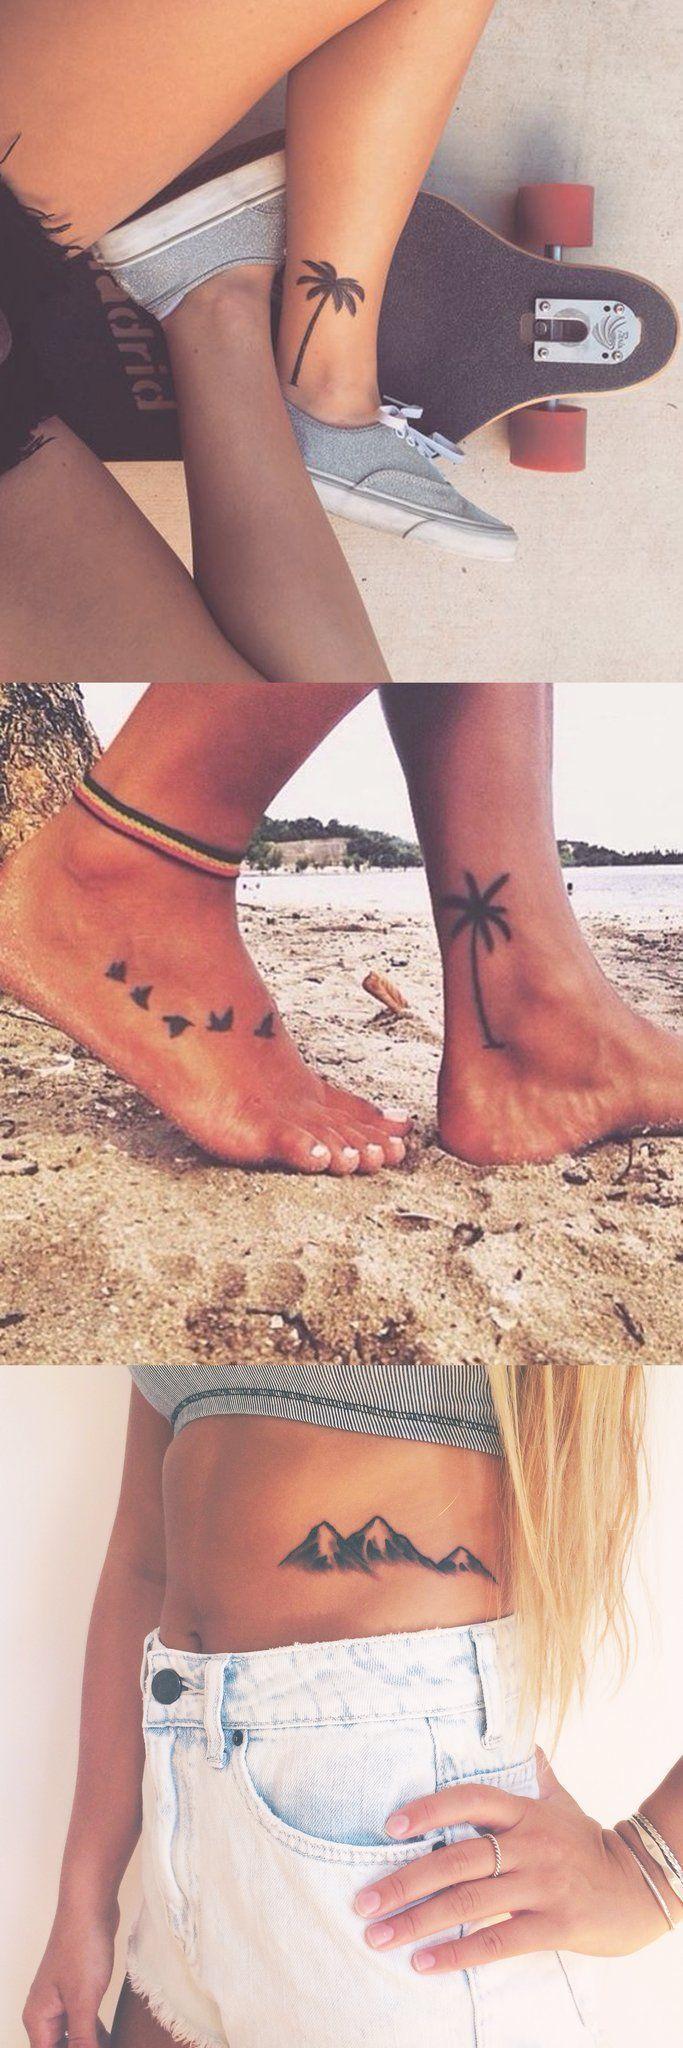 Palm Tree Tattoo Ideas for Women – Black Flower Ankle Foot Tatt – Mountain Rib Tat – MyBodiArt.com #tattoosforwomensexys #tattooideasforwomen